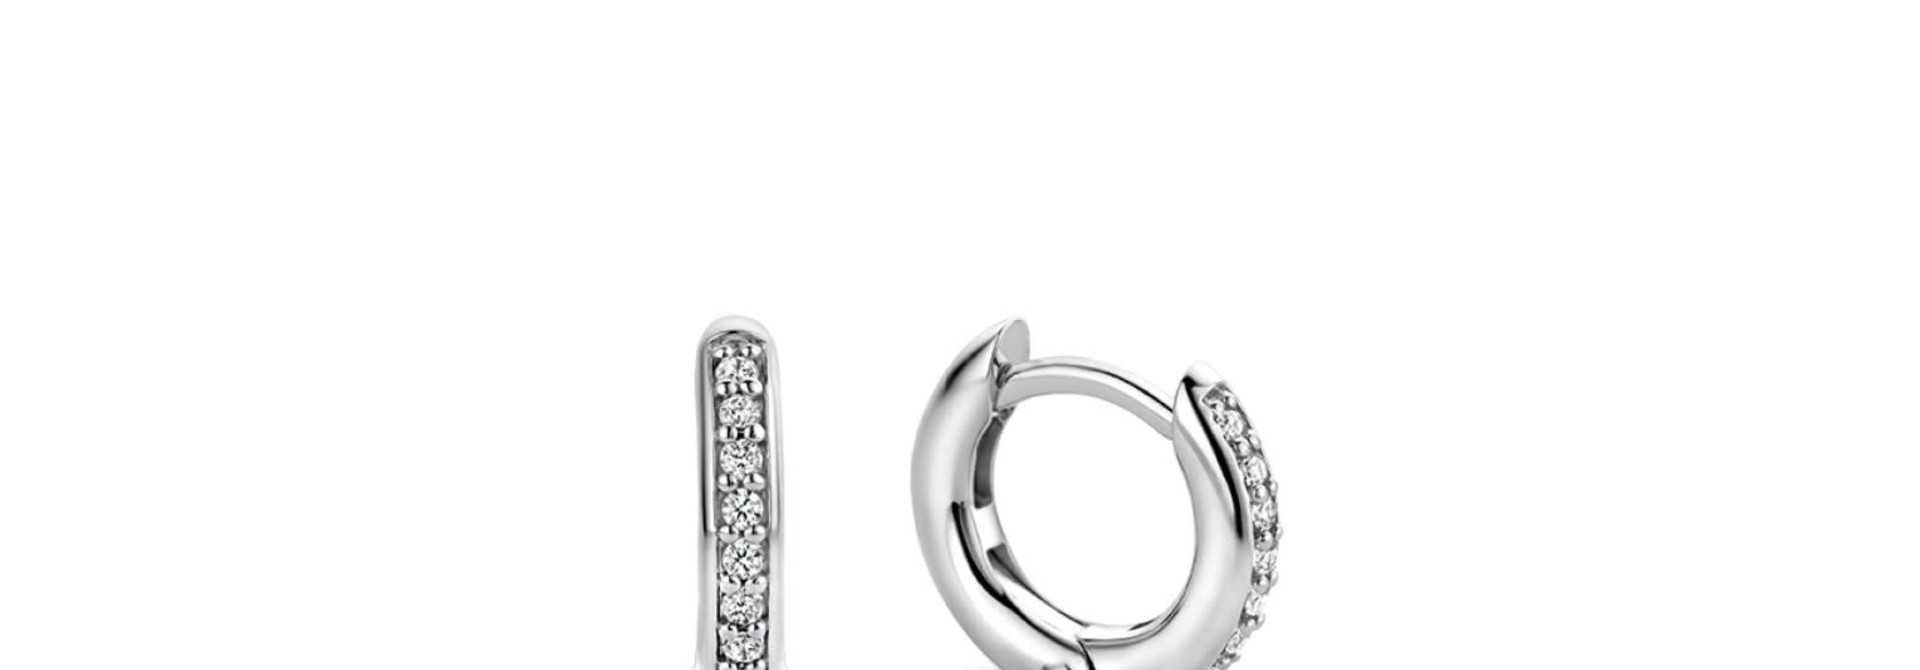 TI SENTO - Milano Earrings 7811ZI